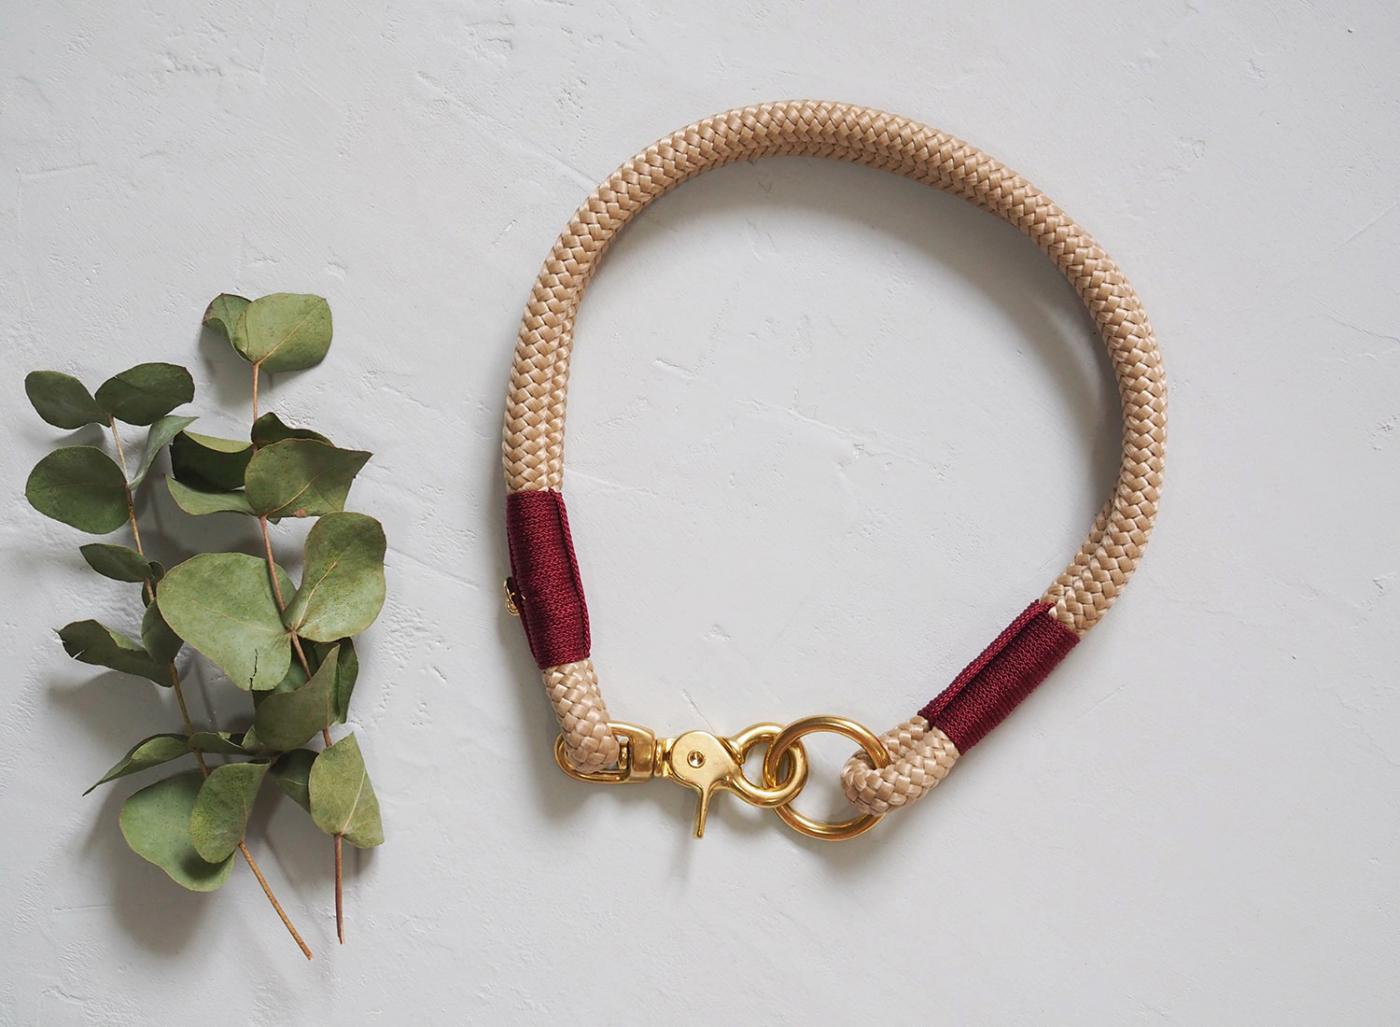 Halsband aus Tau in beige mit weinroter Takelung.